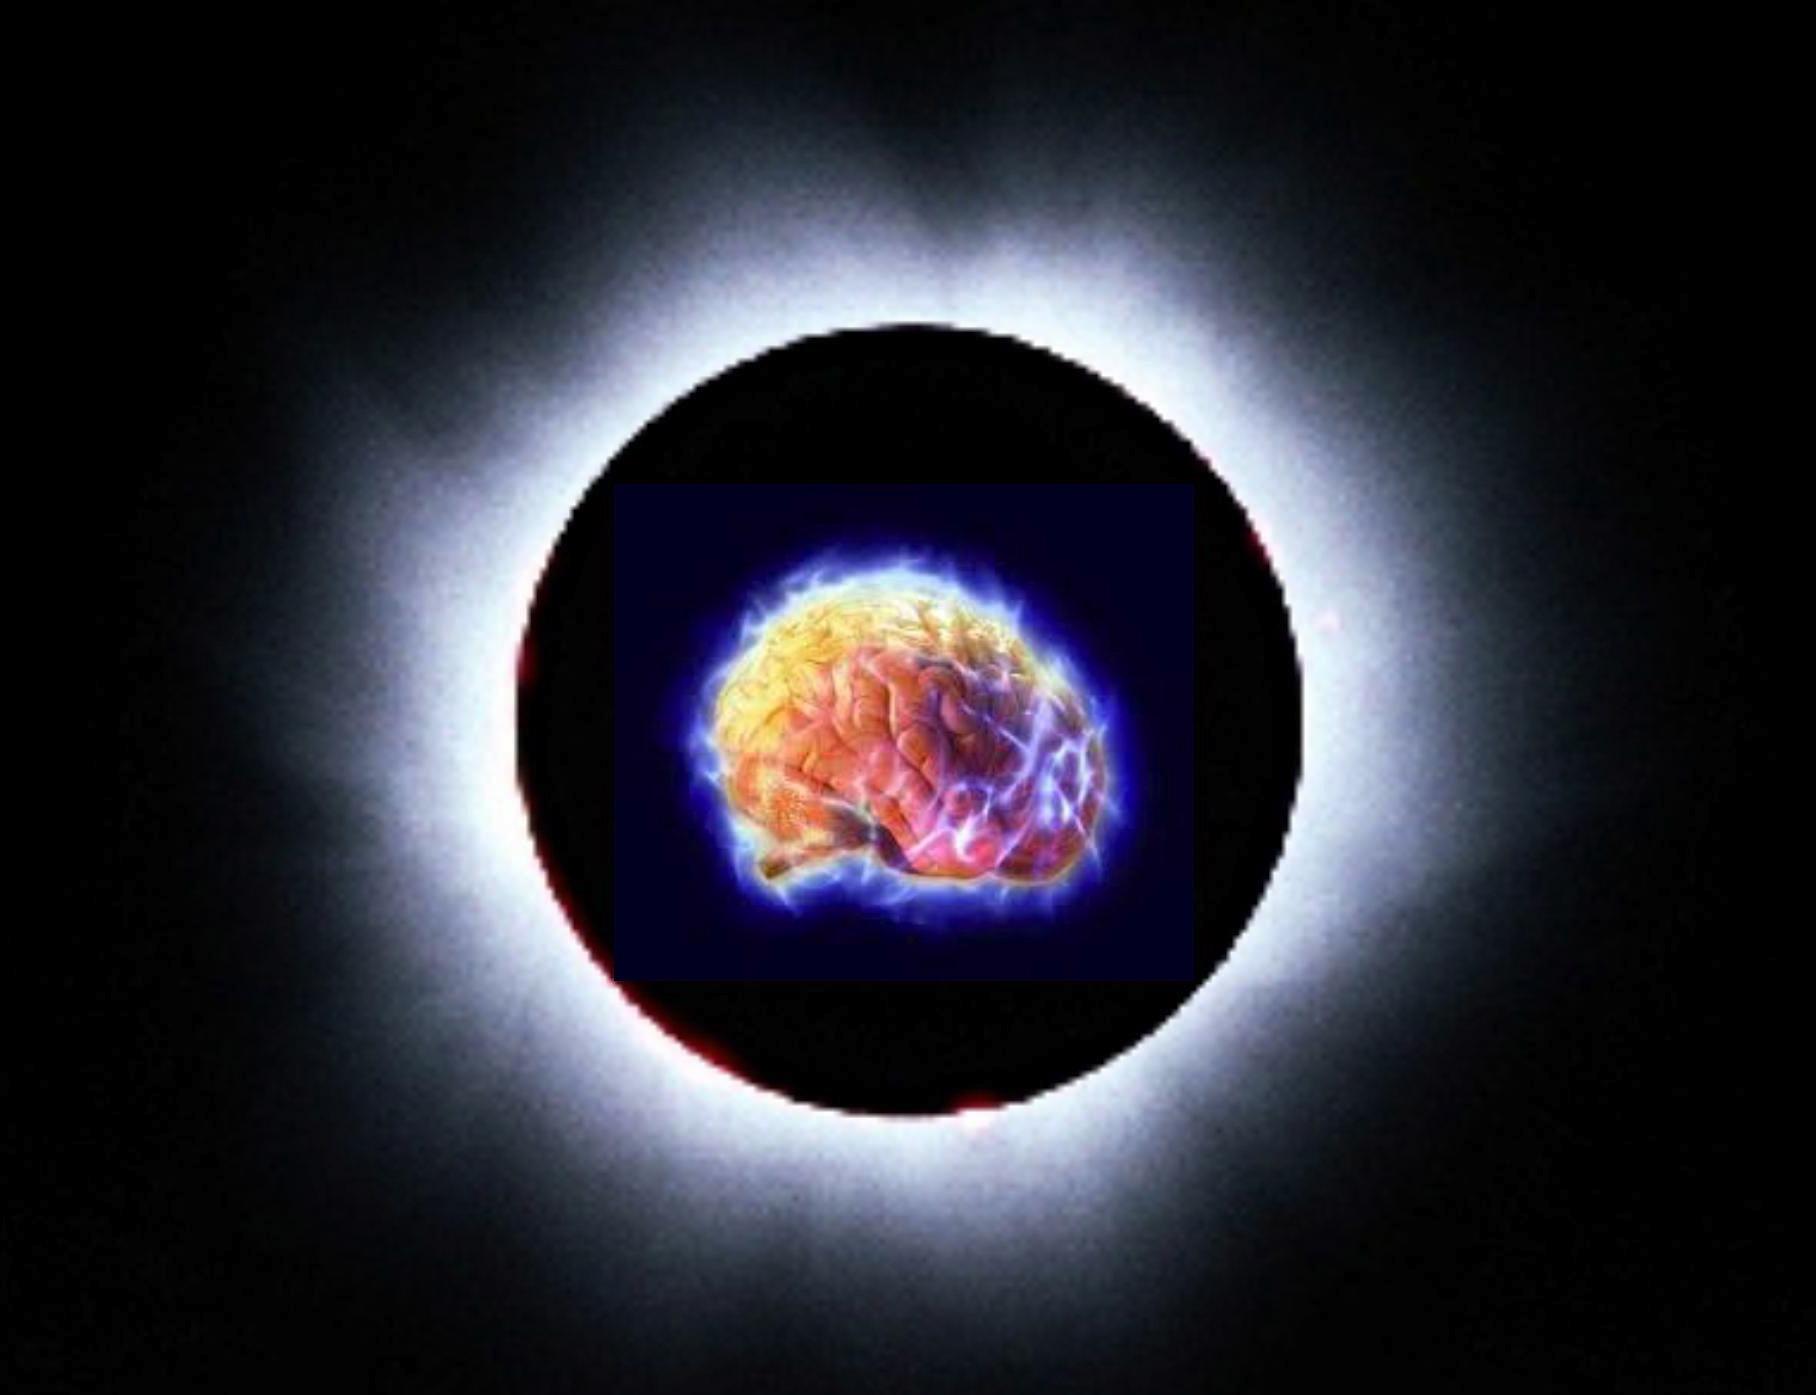 Le cerveau, le soleil et l'univers